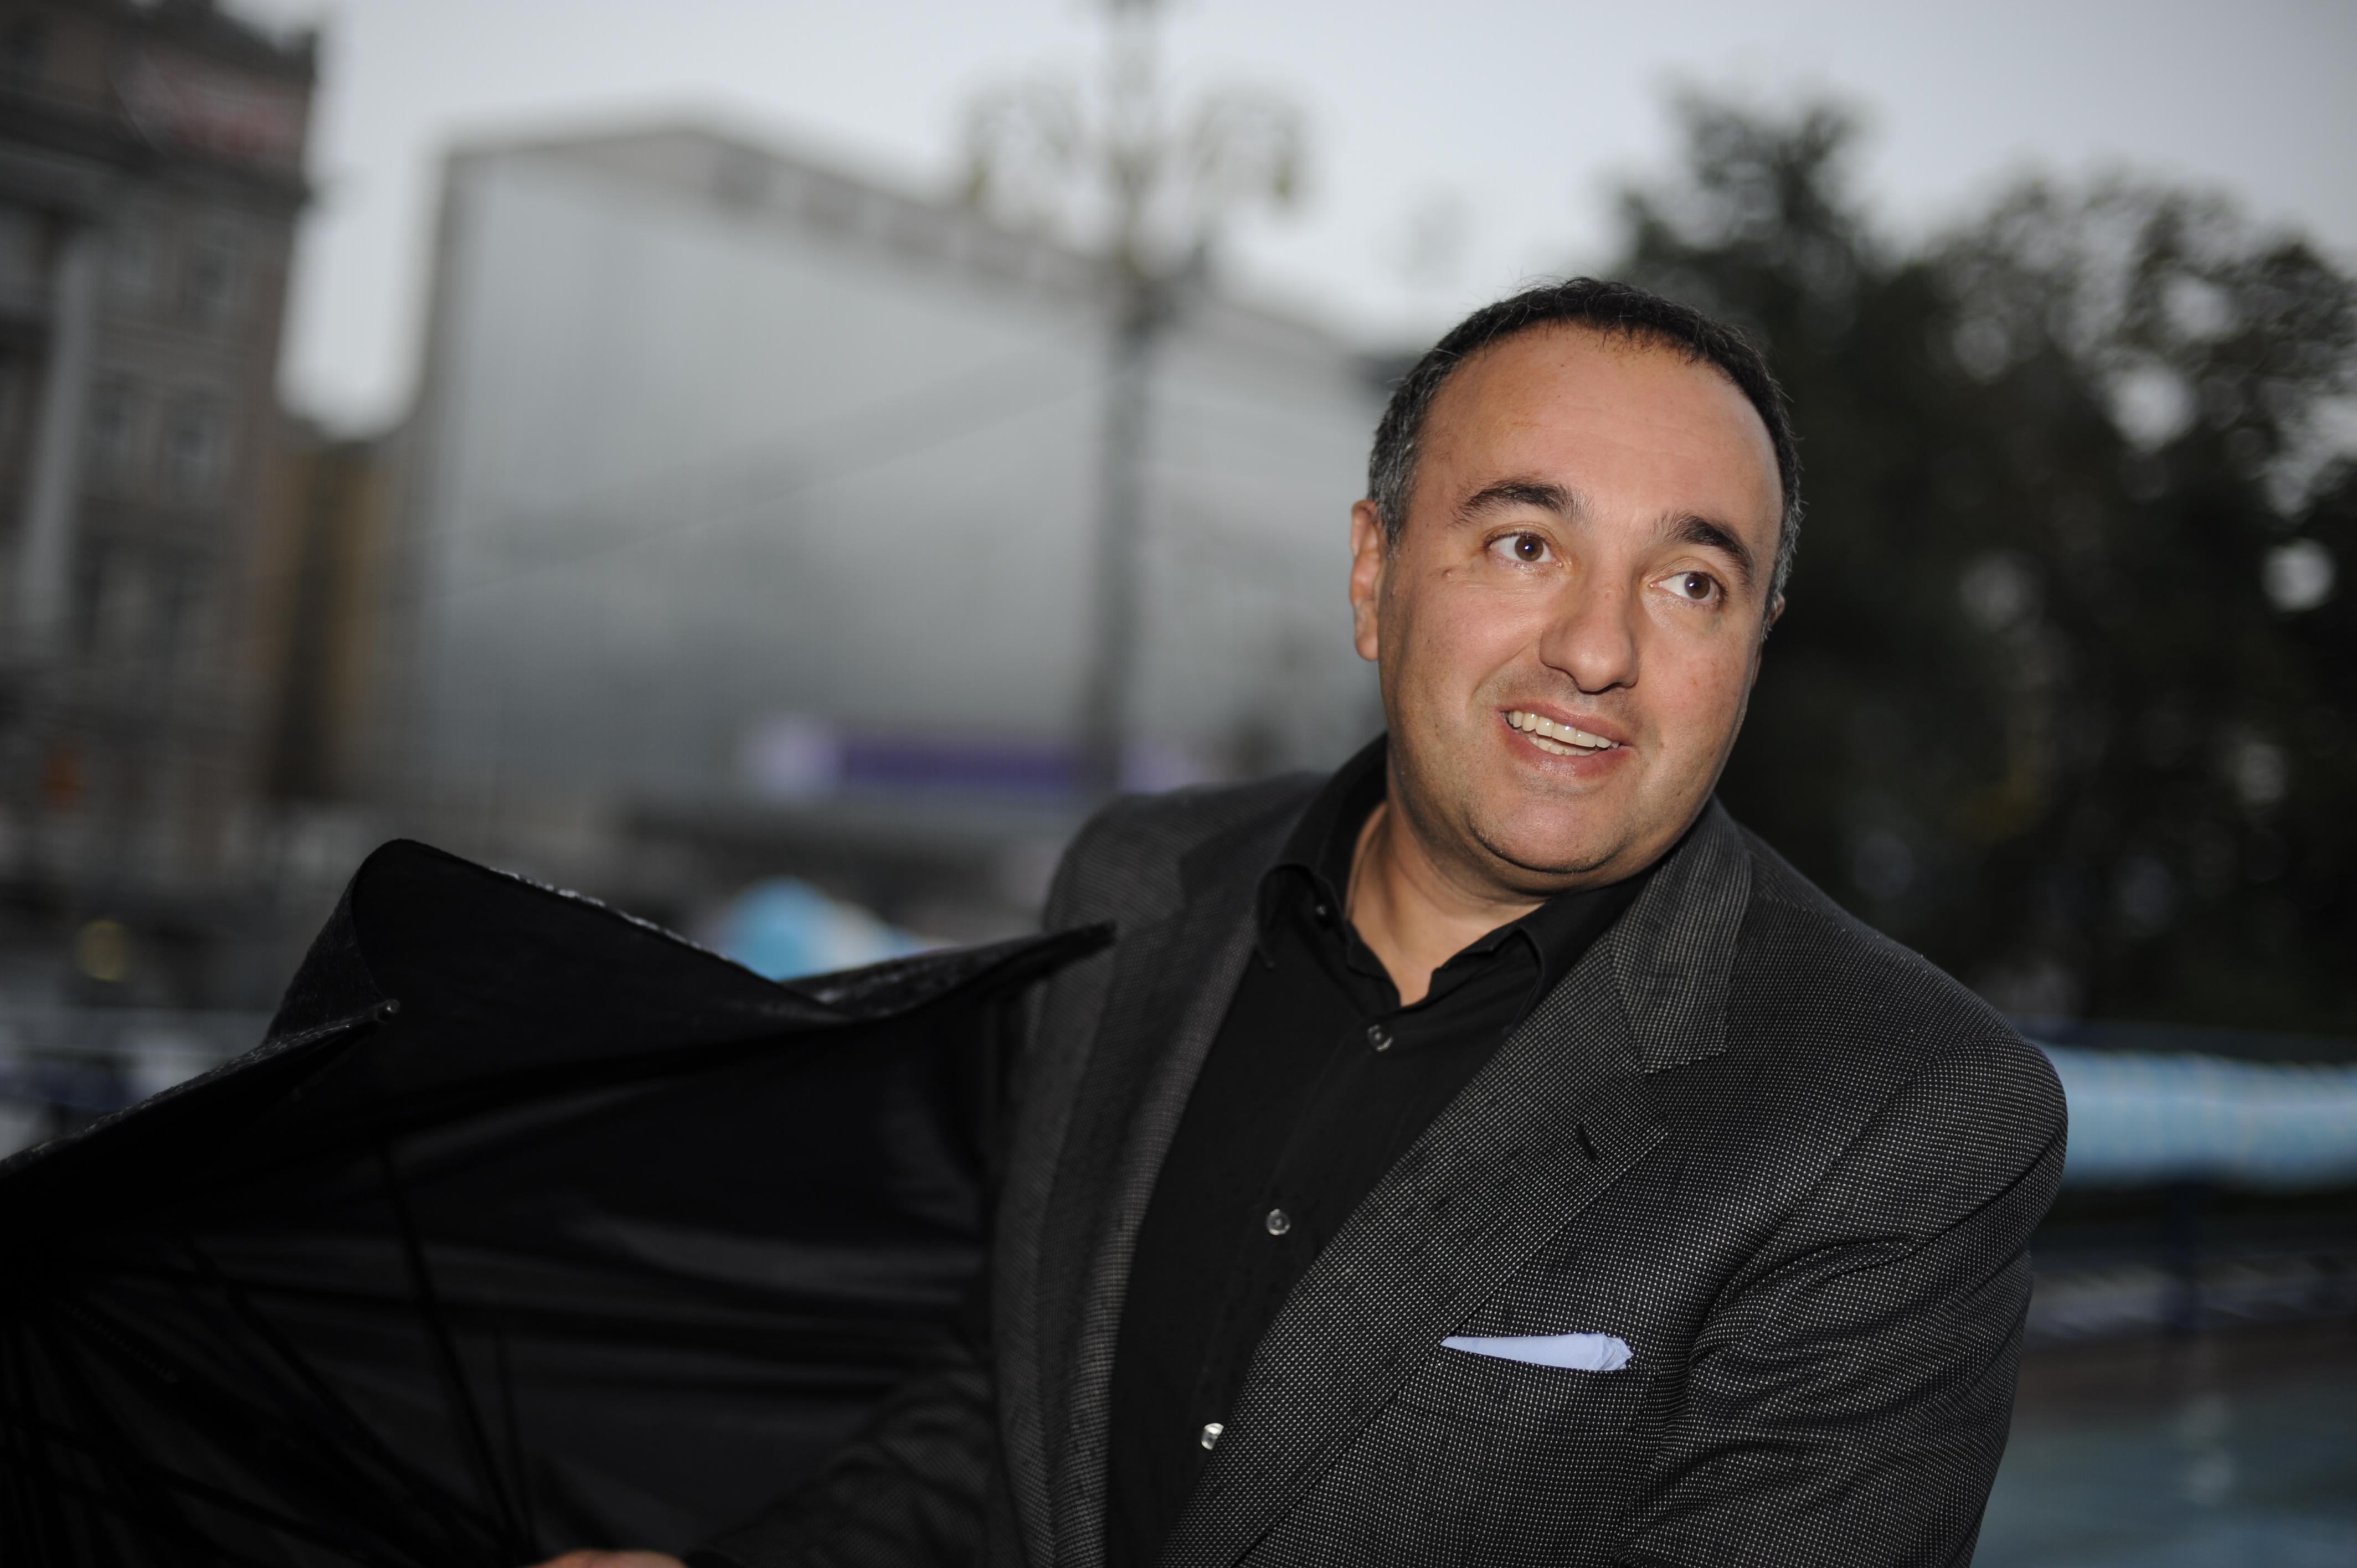 Александр Роднянский, как и все Раки, в 2013 году будет получать стабильный доход